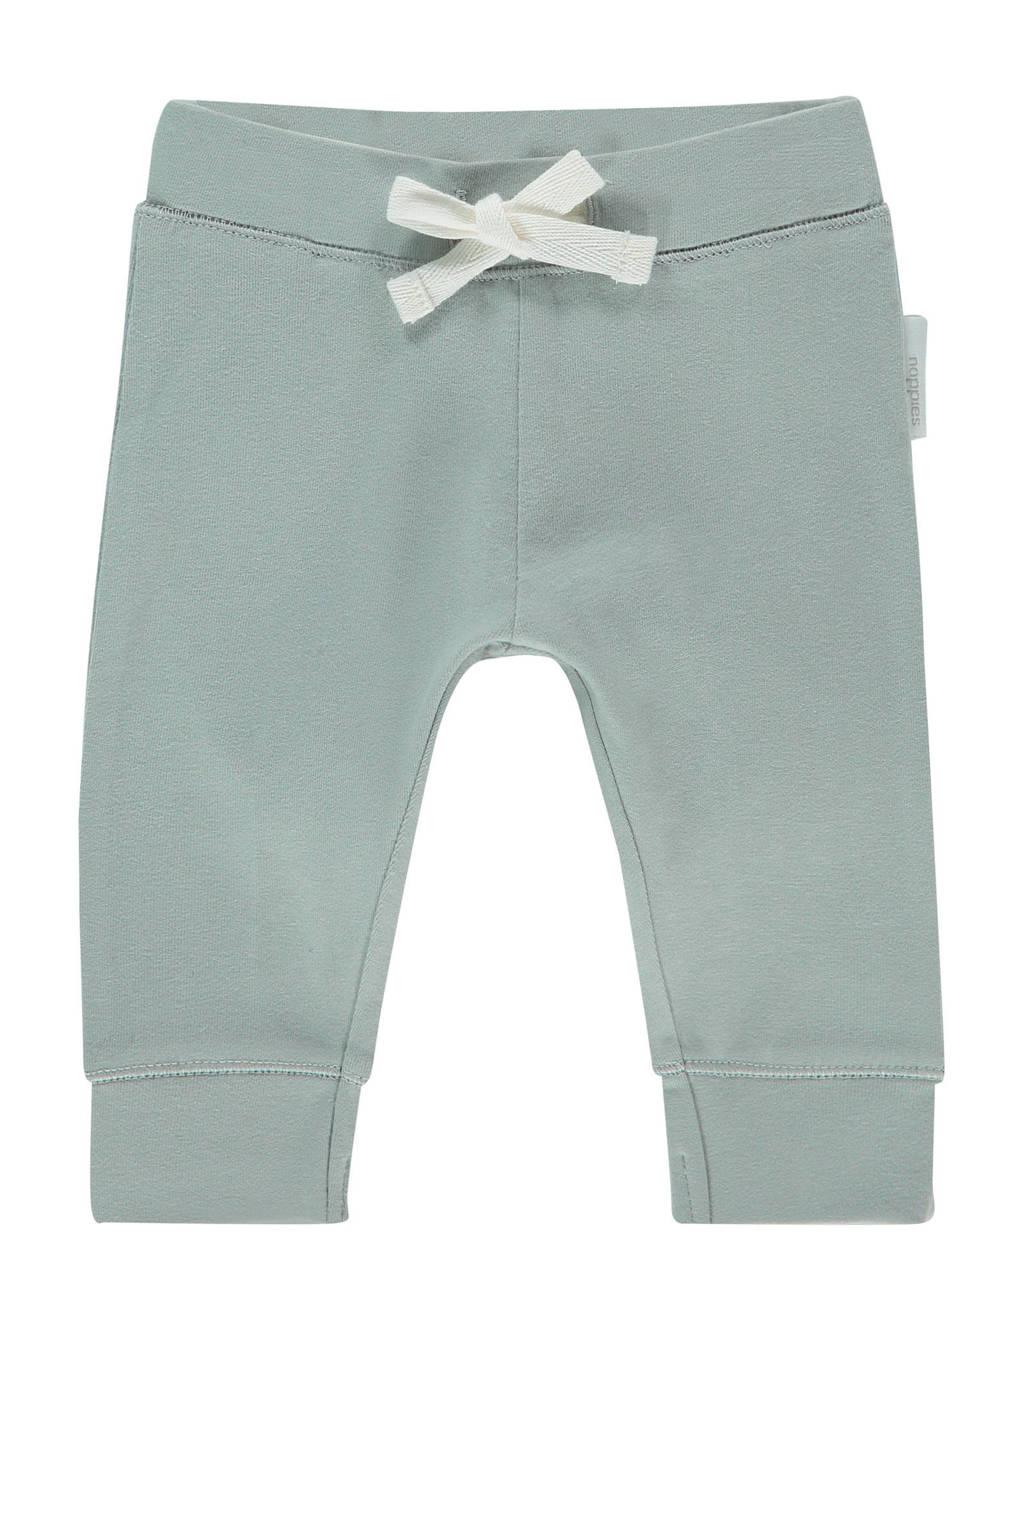 Noppies baby slim fit broek Qingdao met biologisch katoen grijsblauw, Grijsblauw